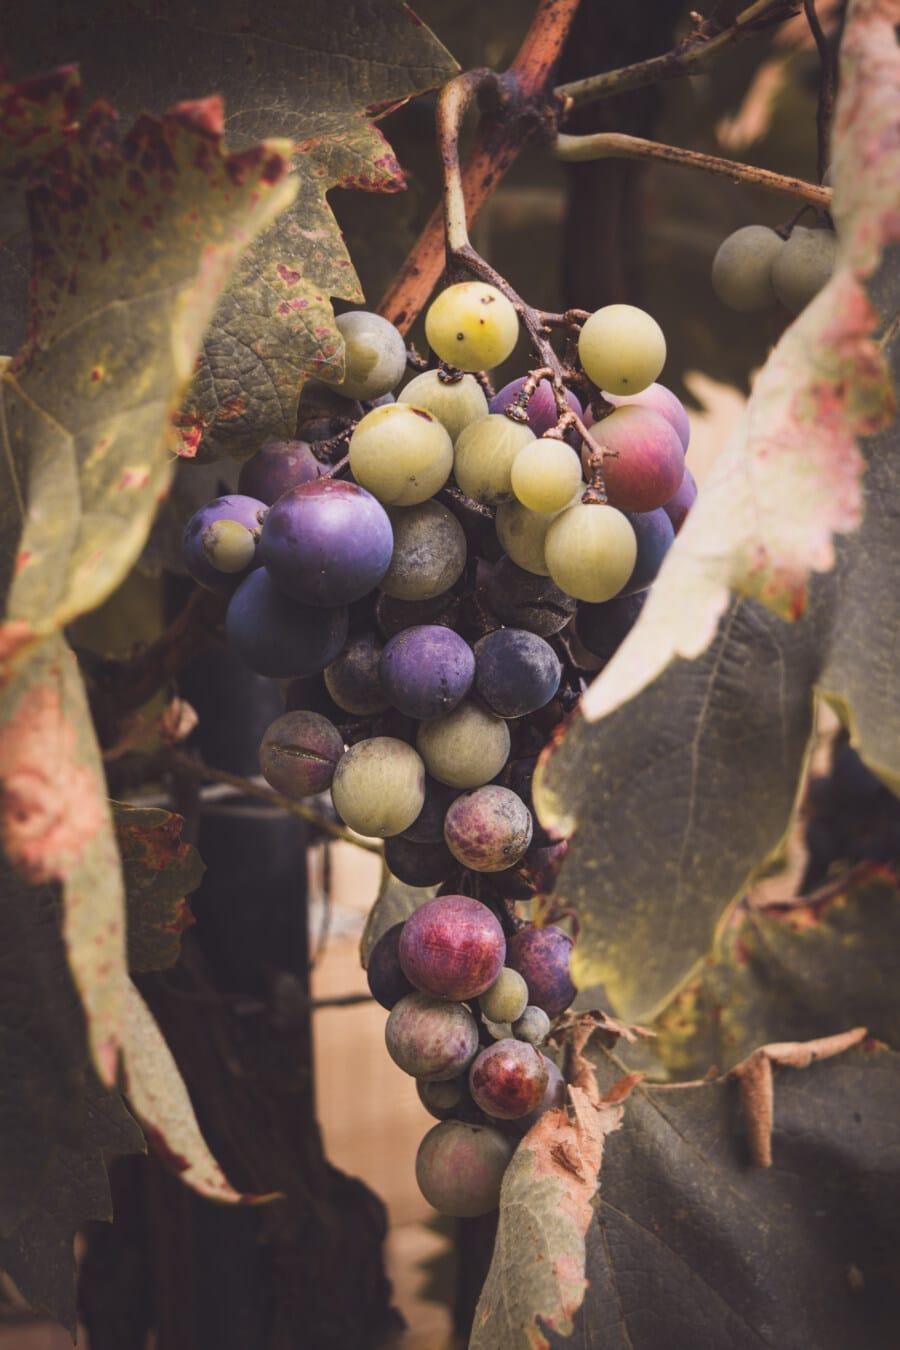 Trauben, Weinrebe, Weinberg, Weinbau, hängende, Obst, Landwirtschaft, Wein, Rebe, Traube